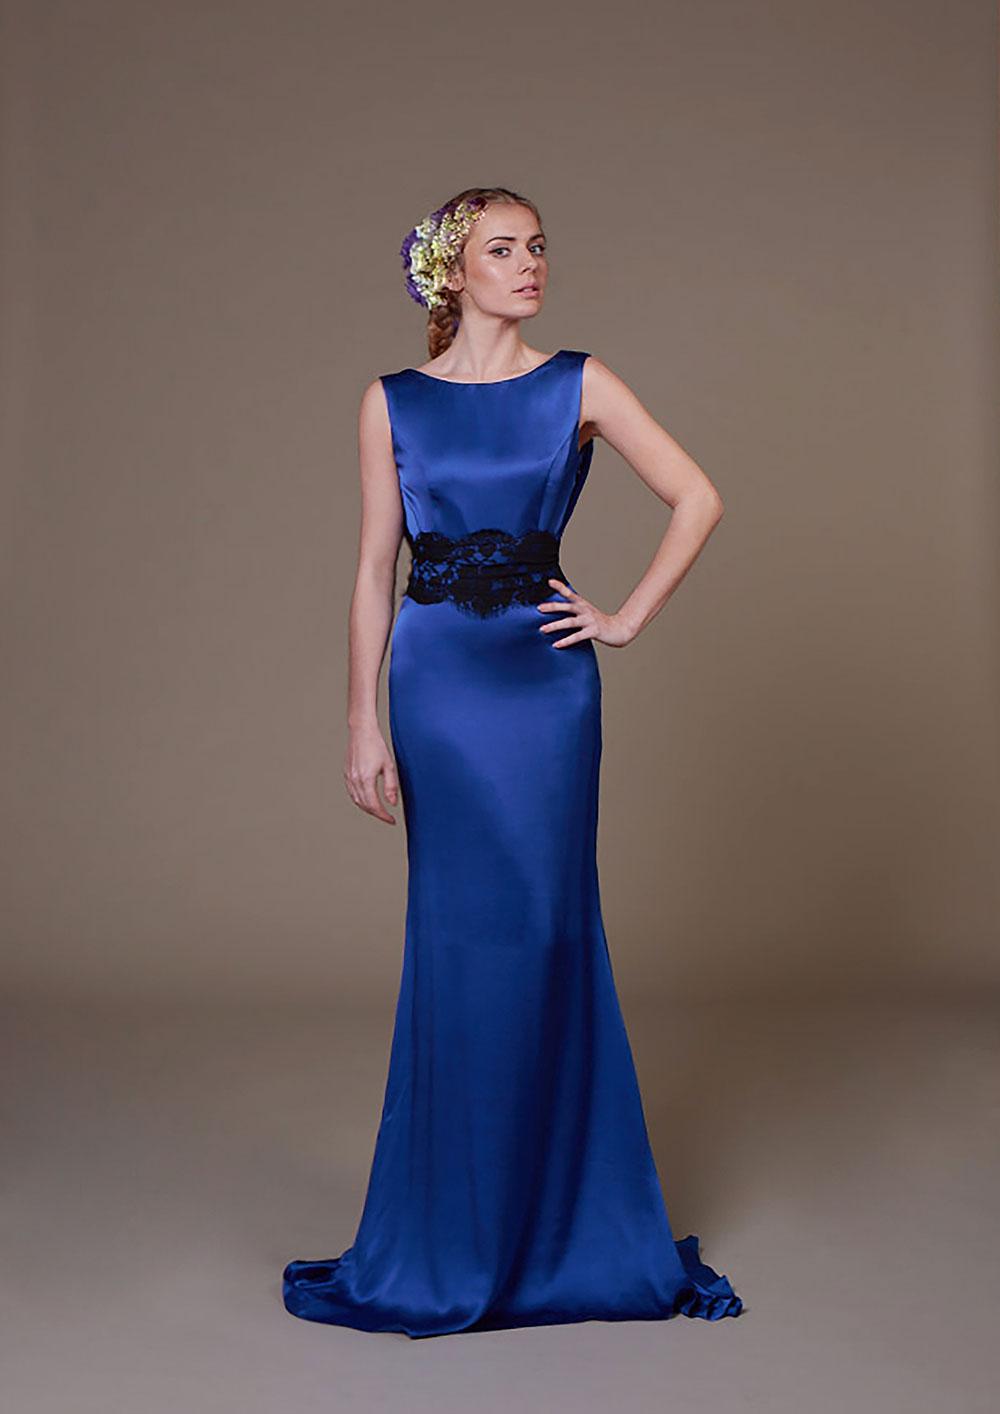 Abby Silk gown